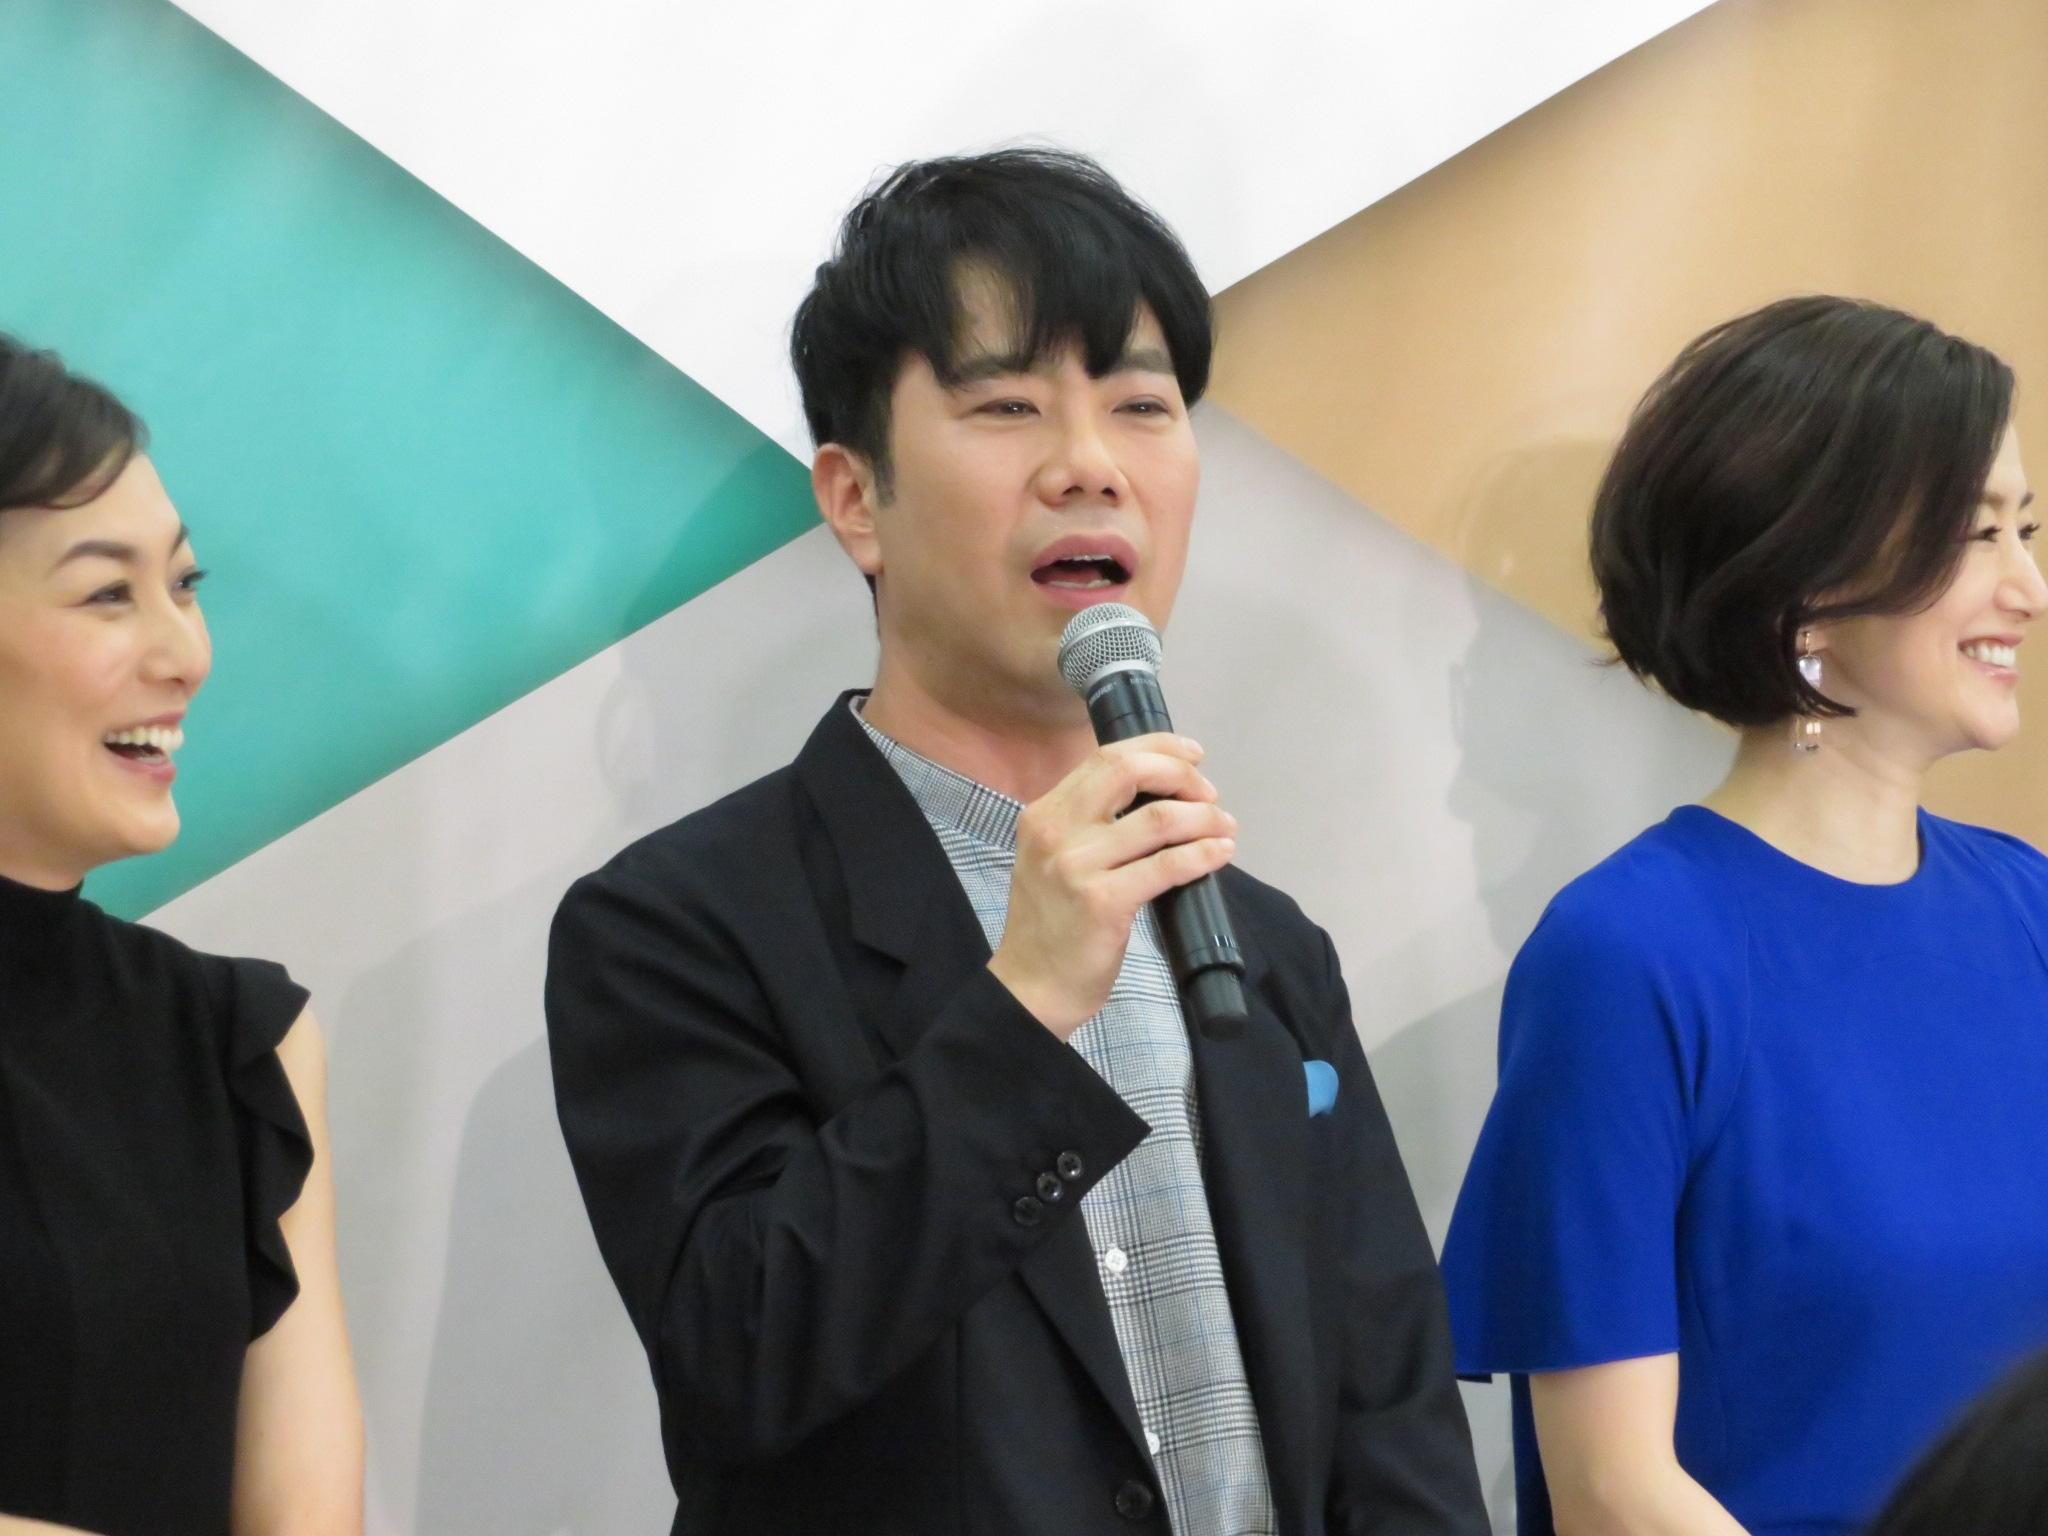 http://news.yoshimoto.co.jp/20180510193112-88c4a0a315e35ae327a652357ace825129ea3cc9.jpg